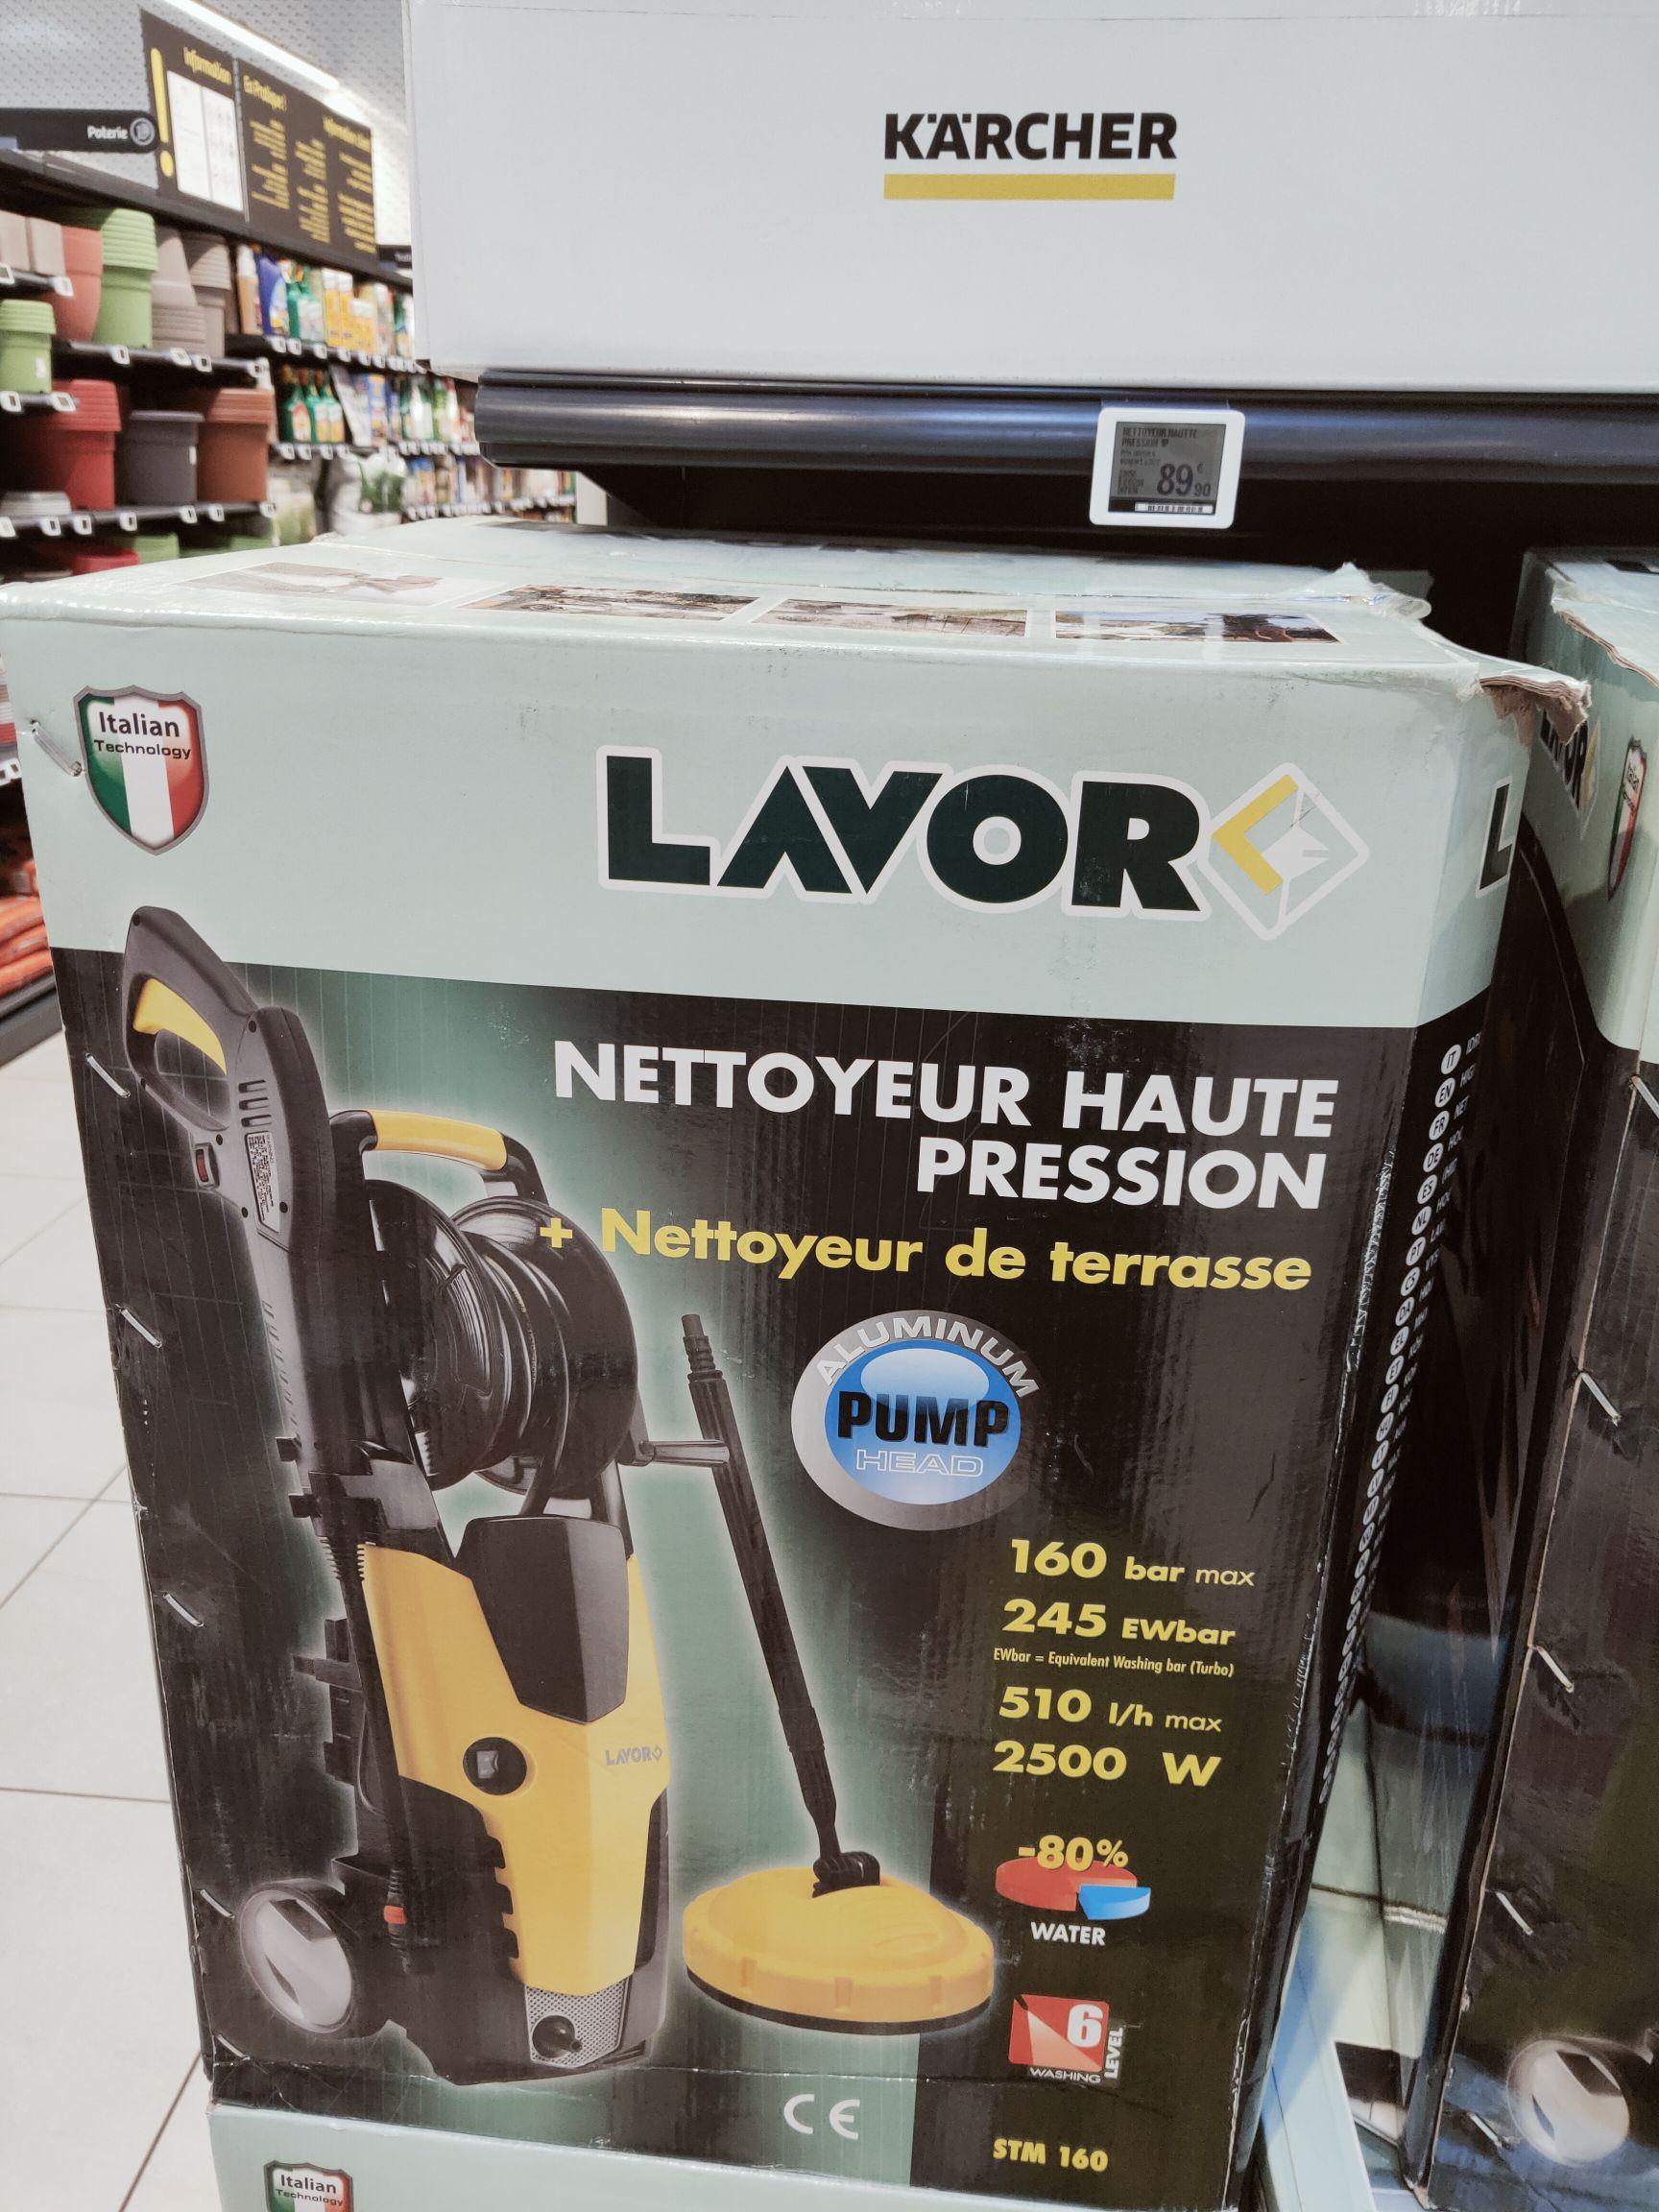 Nettoyeur haute pression Lavor STM 160 WPS - 2500W, 160 bar - Orvault (44)